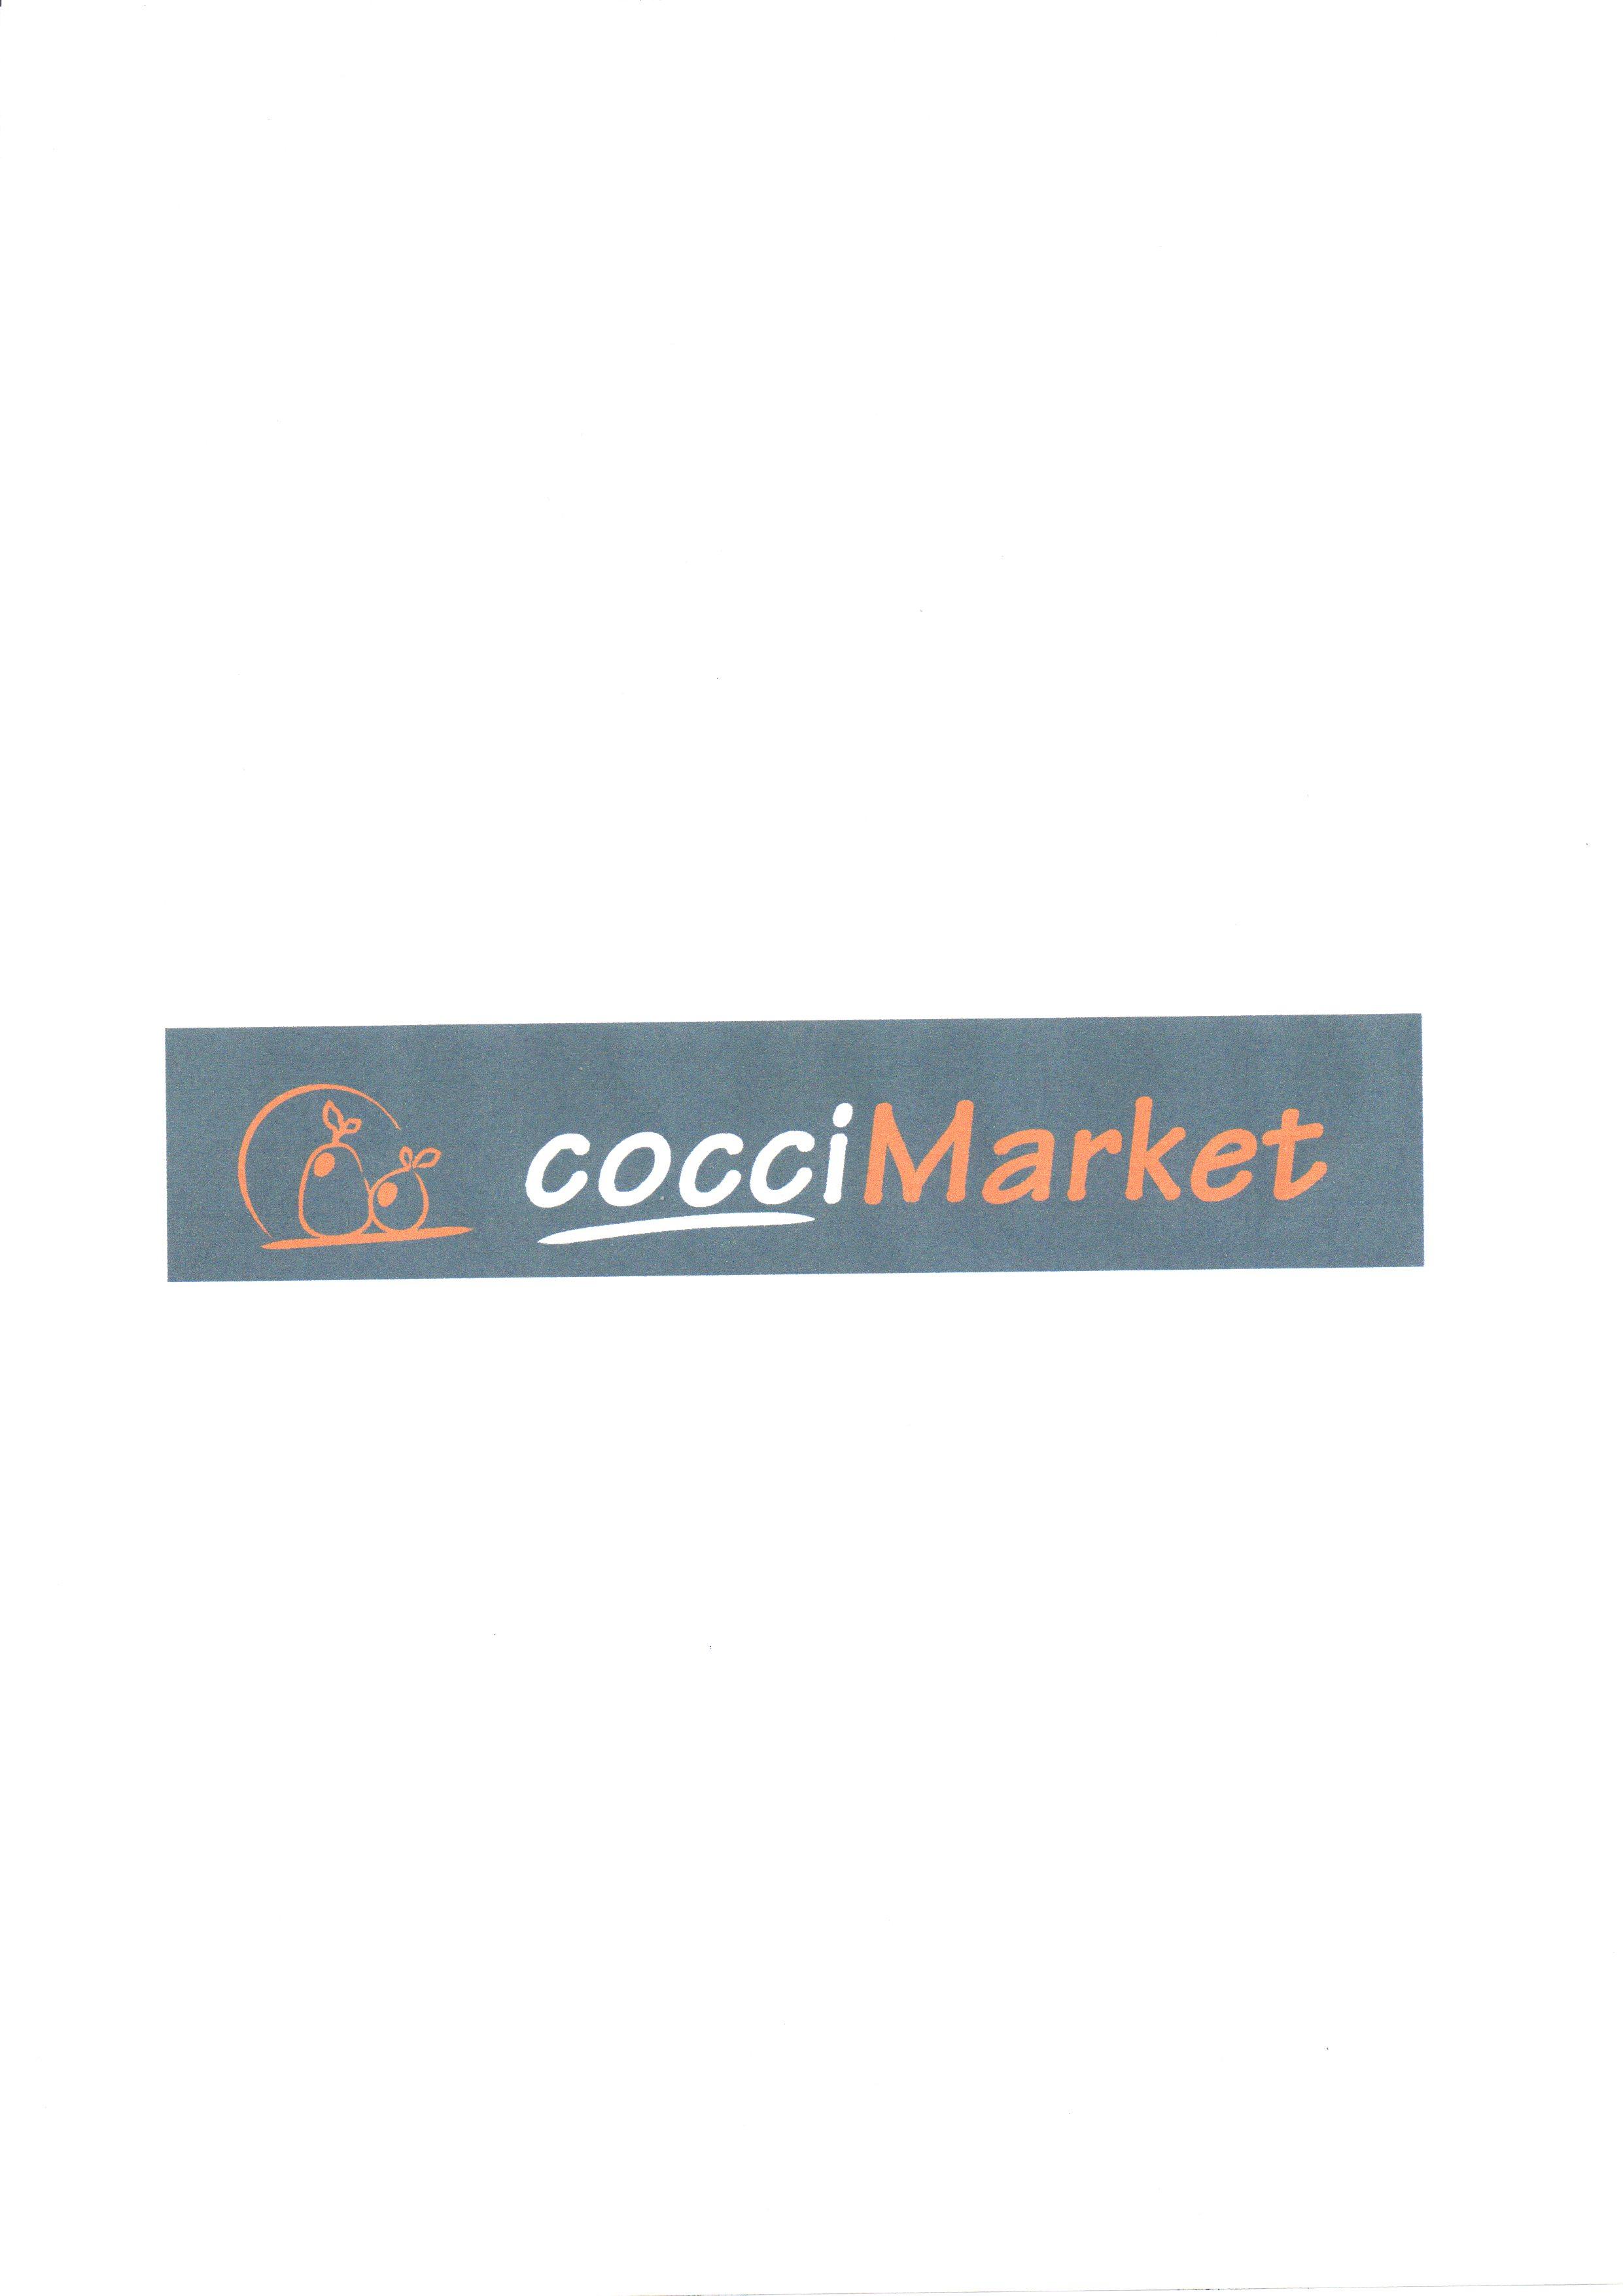 3ème régate du Challenge d'hiver 2019: régate du CocciMarket de Locmiquelic